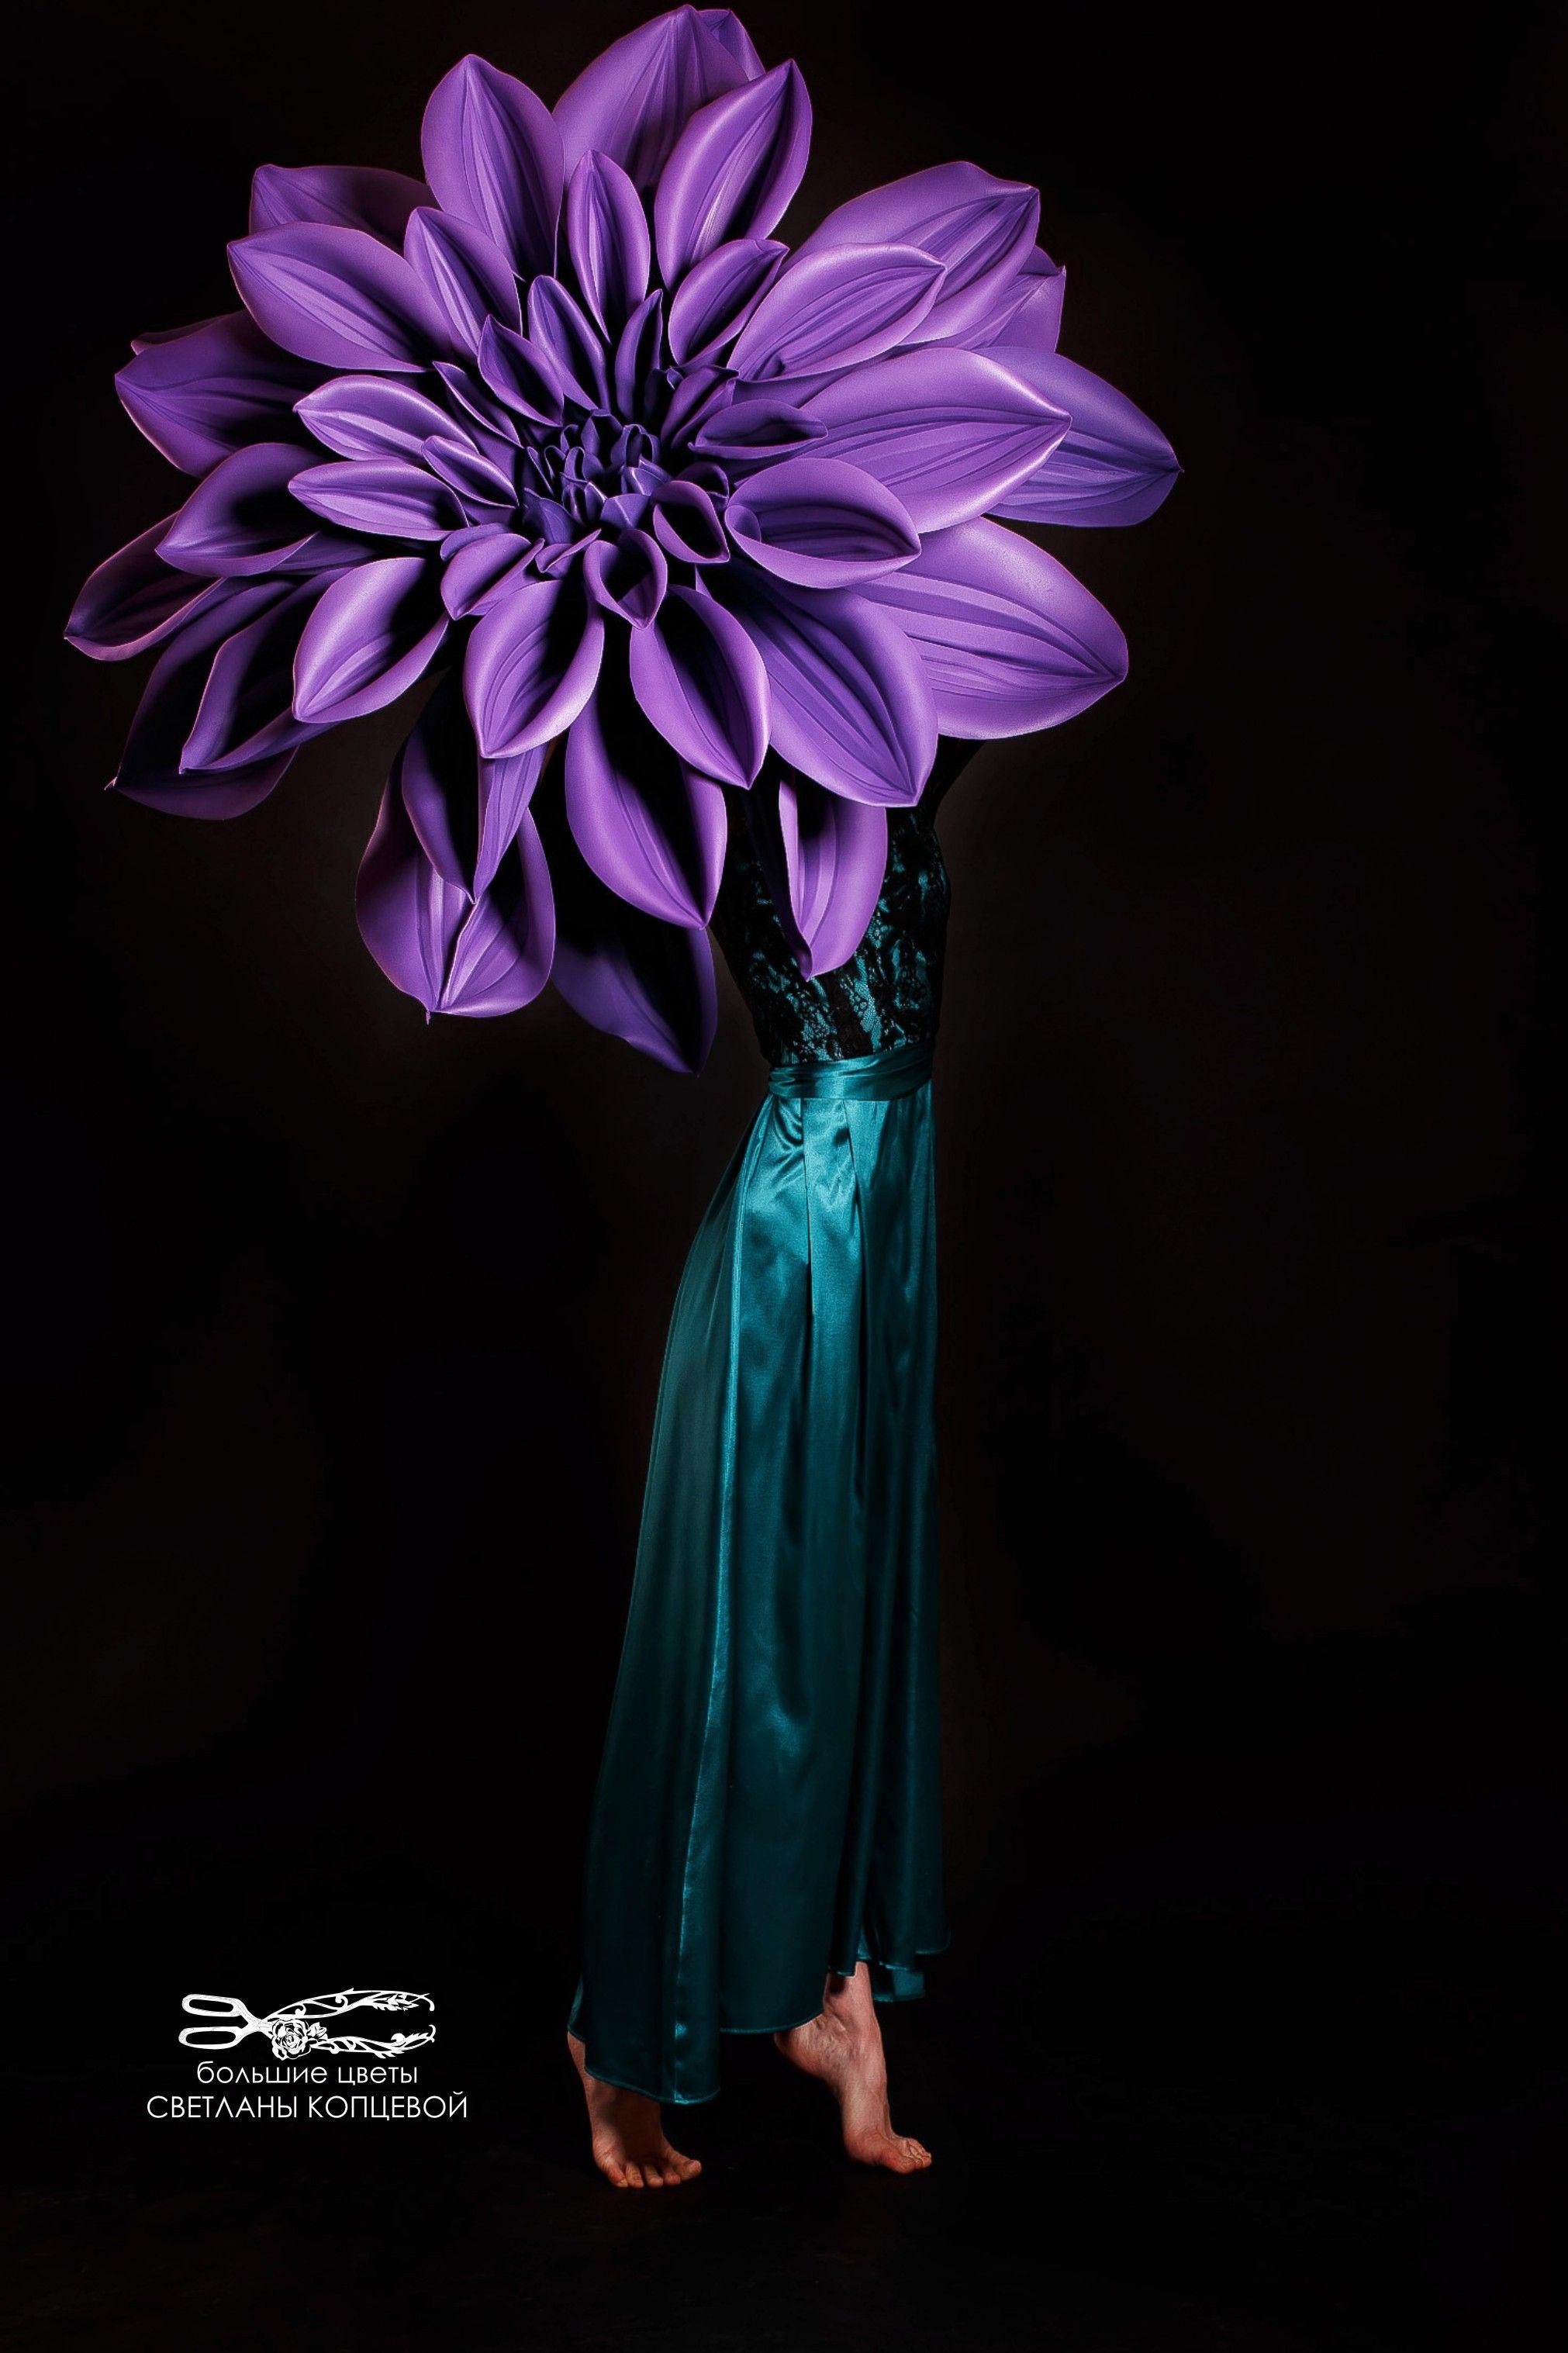 34fda25aae38f Большие цветы. Цветы из изолона. цветы из фоамирана. Цветы из бумаги.  бумажные цветы